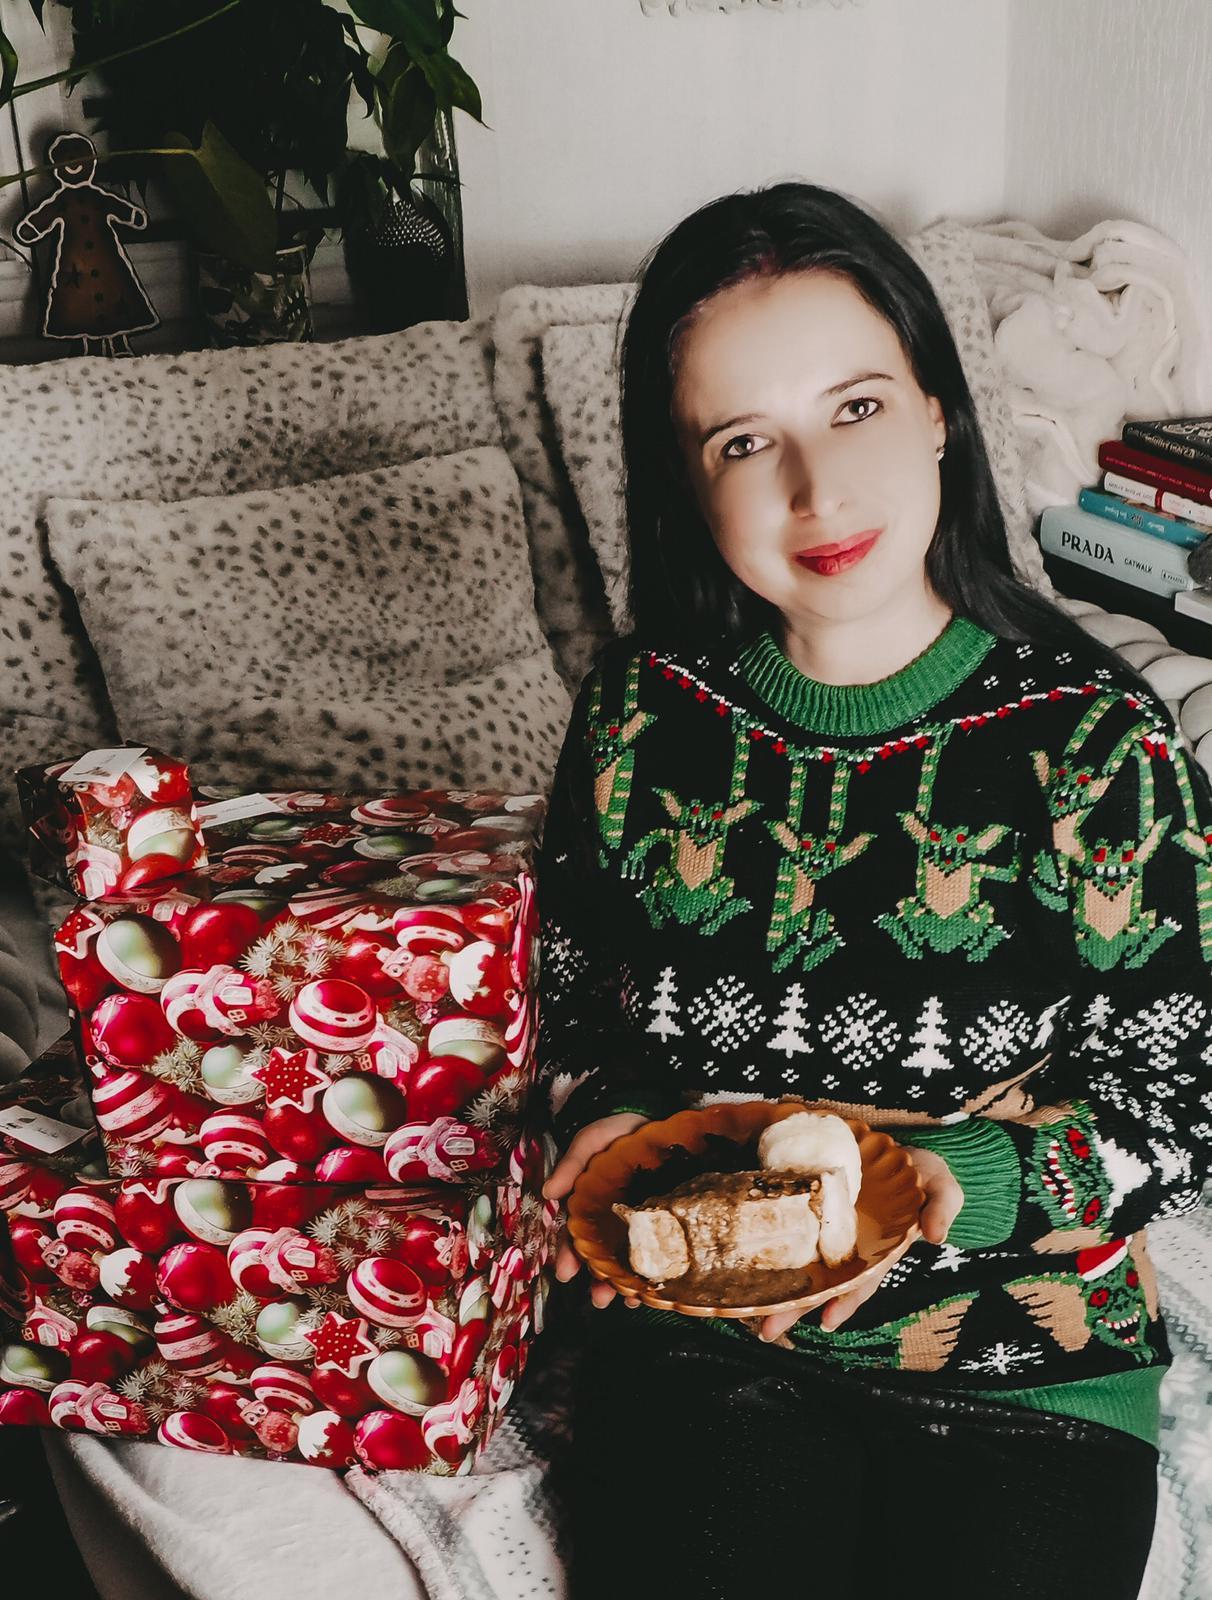 Veganer Festtagsbraten mit Pilzsauce. fürs Weihnachtsessen.